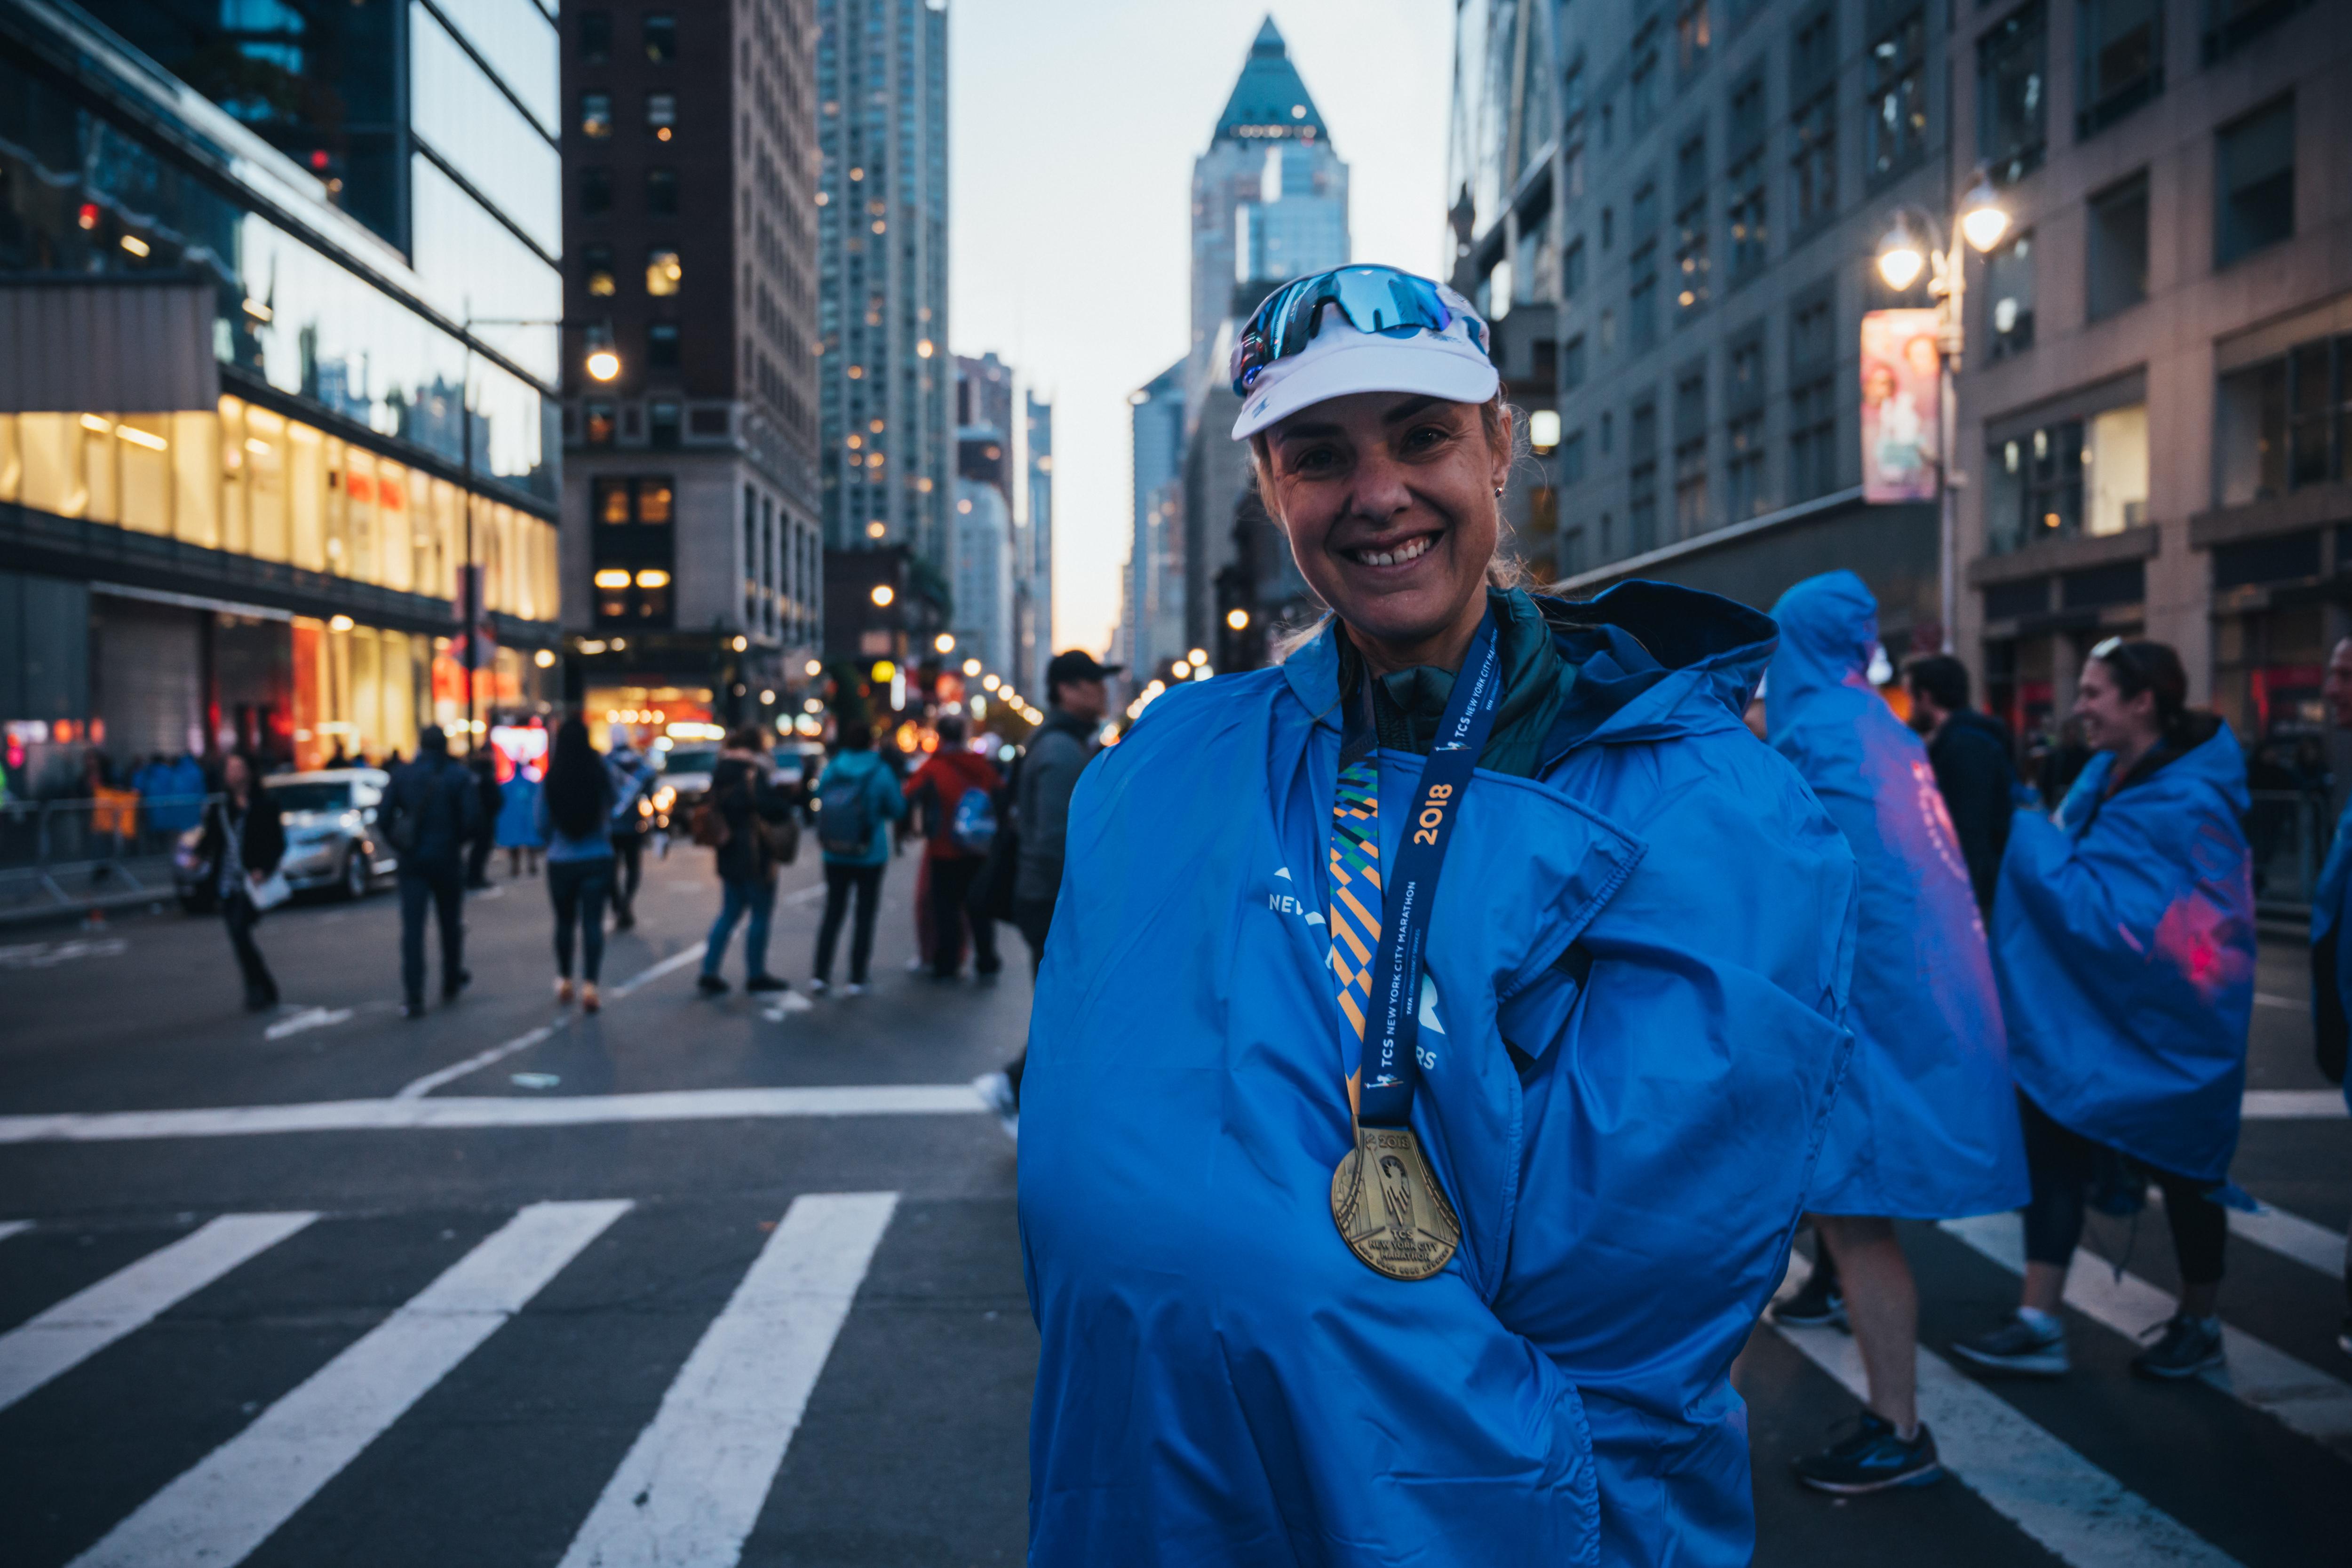 Mina Guli planuje przebiec 100 maratonów w 100 dni, a wszystko po to, by zwrócić uwagę na problem braku wody w wielu krajach. Fot: Kelvin Trautman / Welcome to Frank via Getty Images